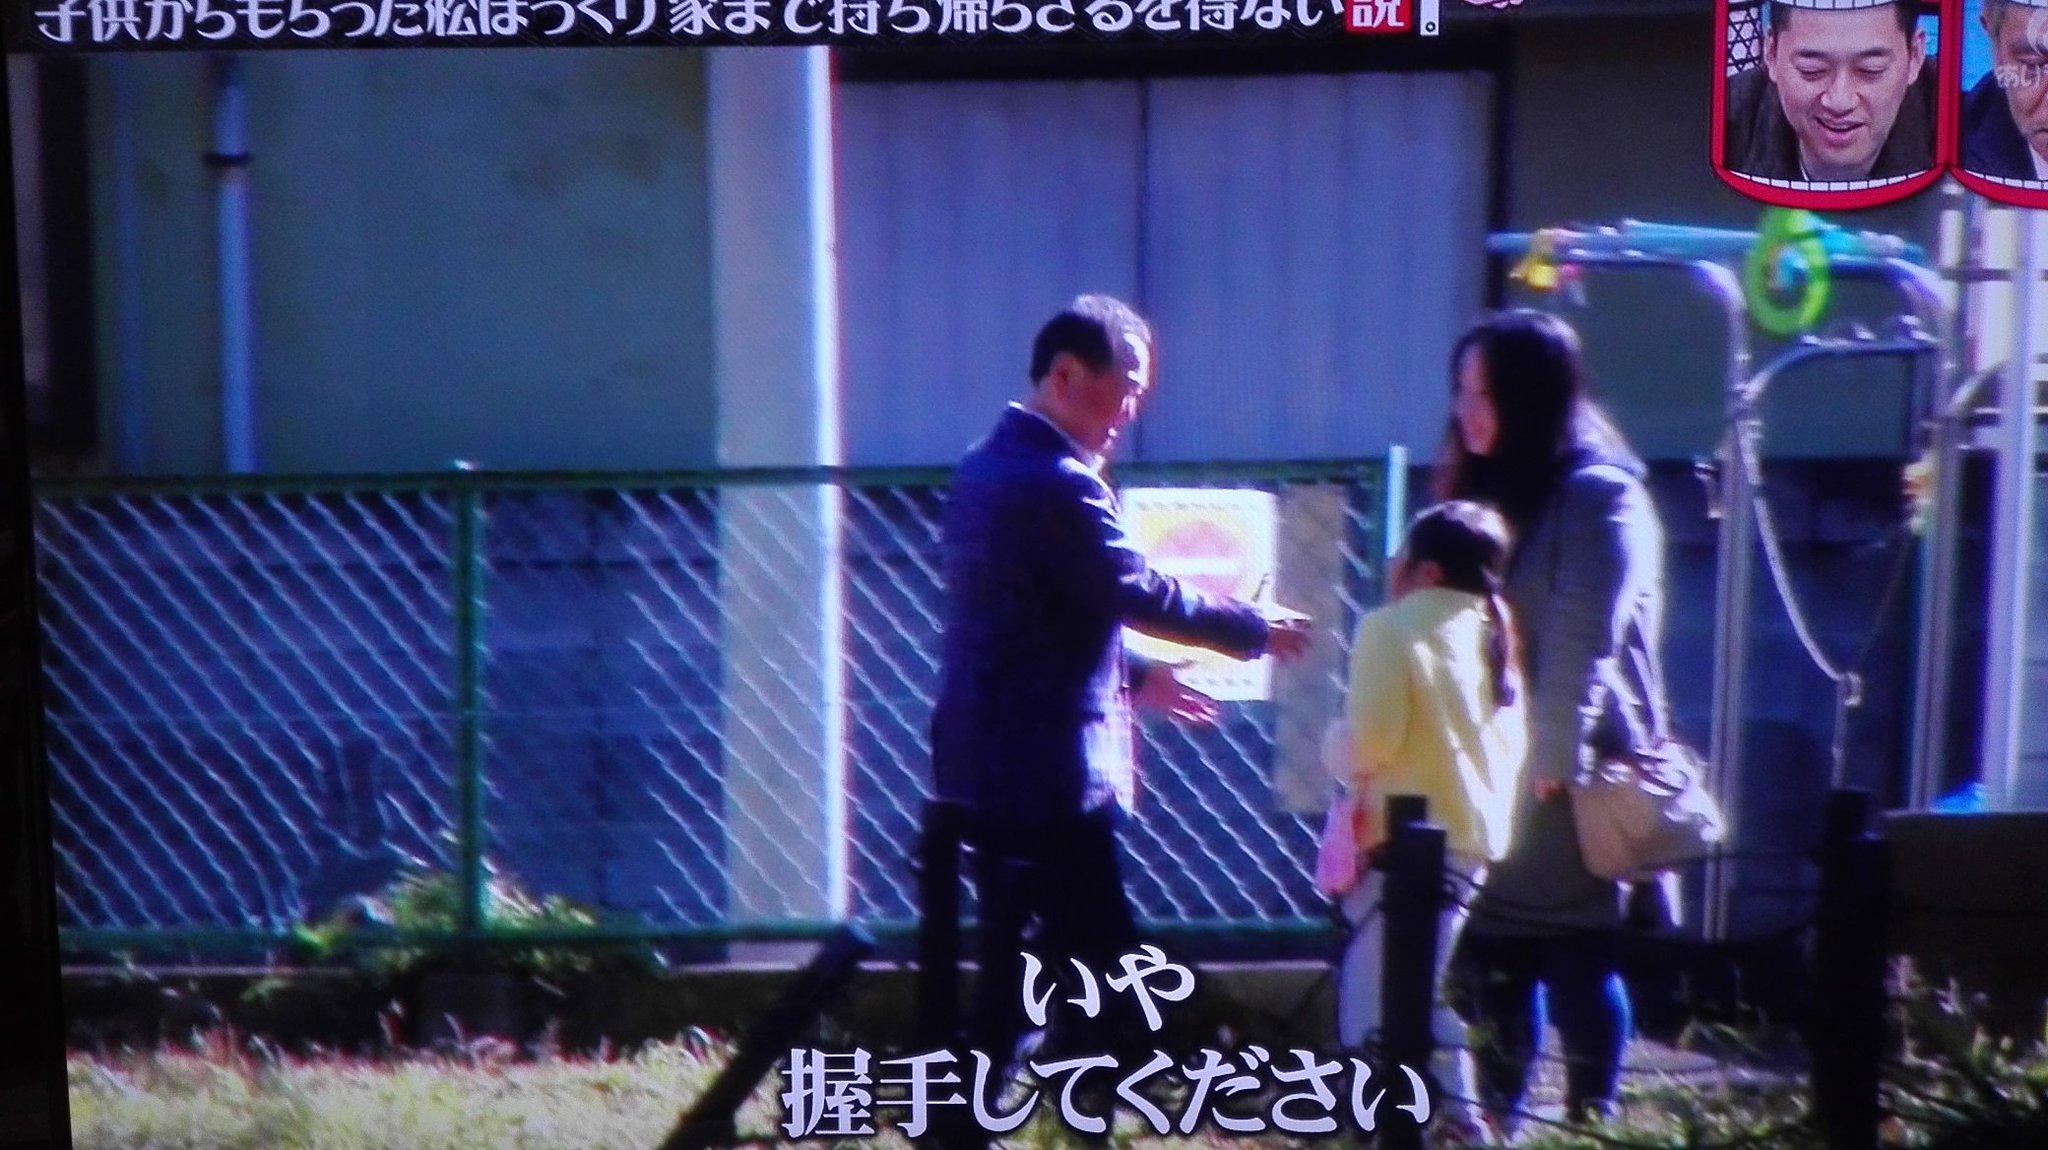 画像,握手は拒否したがハグをした板東英二。 #水曜日のダウンタウン https://t.co/WqGT8S27B7。